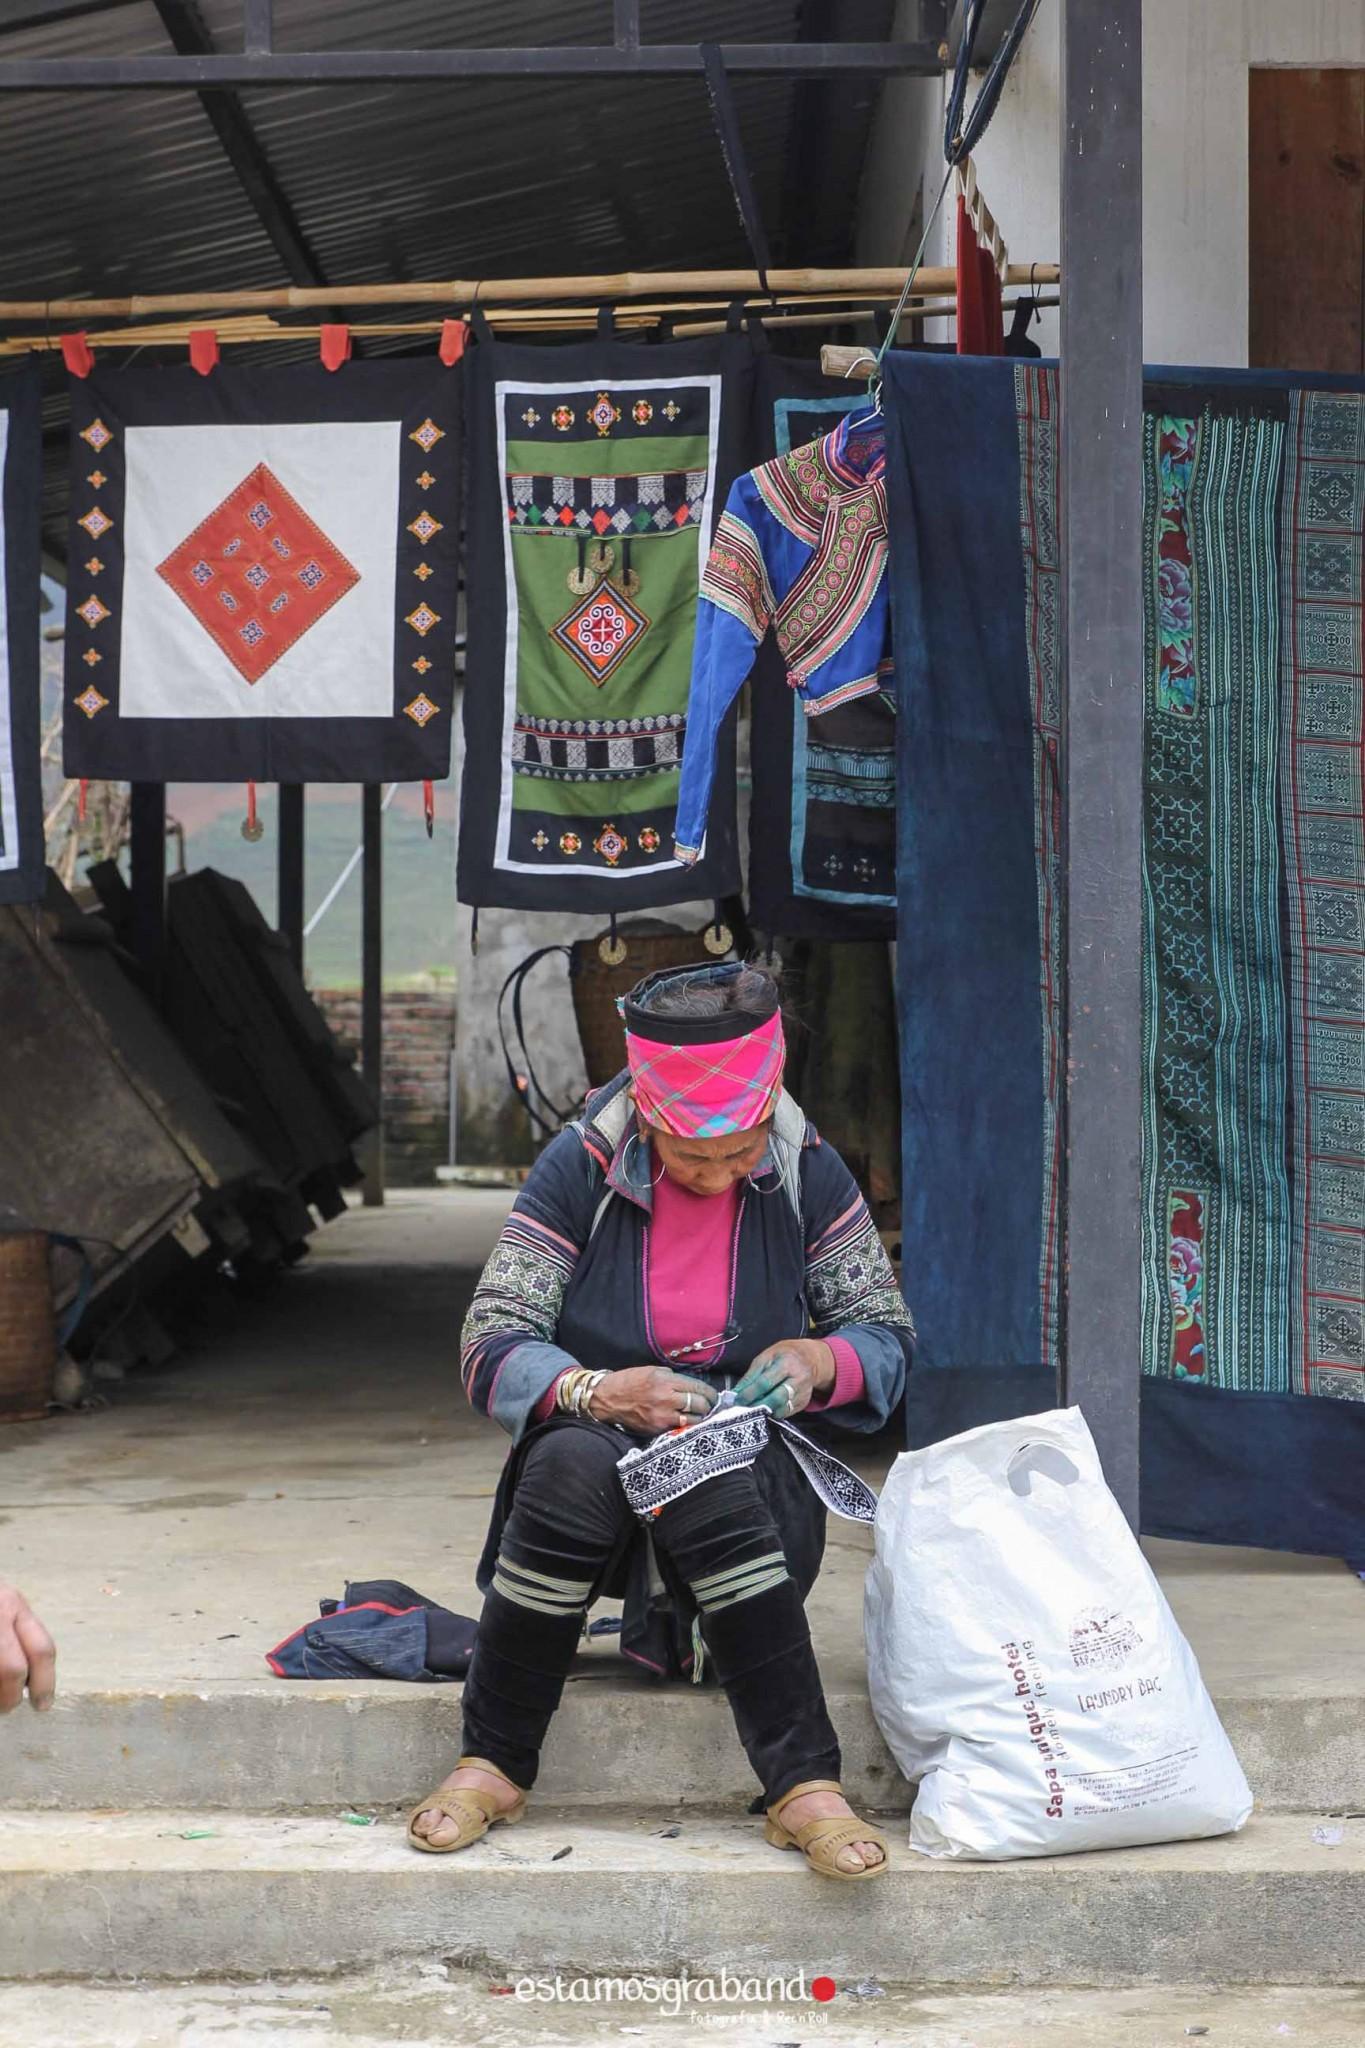 reportaje-vietnam_fotograficc81a-vietnam_estamosgrabando-vietnam_rutasvietnam_reportaje-retratos-fotos-vietnam_fotografia-vietnam_reportaje-estamosgrabando-fotograficc81a-vietnam-19 Pequeños grandes recuerdos de Vietnam en 100 imágenes - video boda cadiz